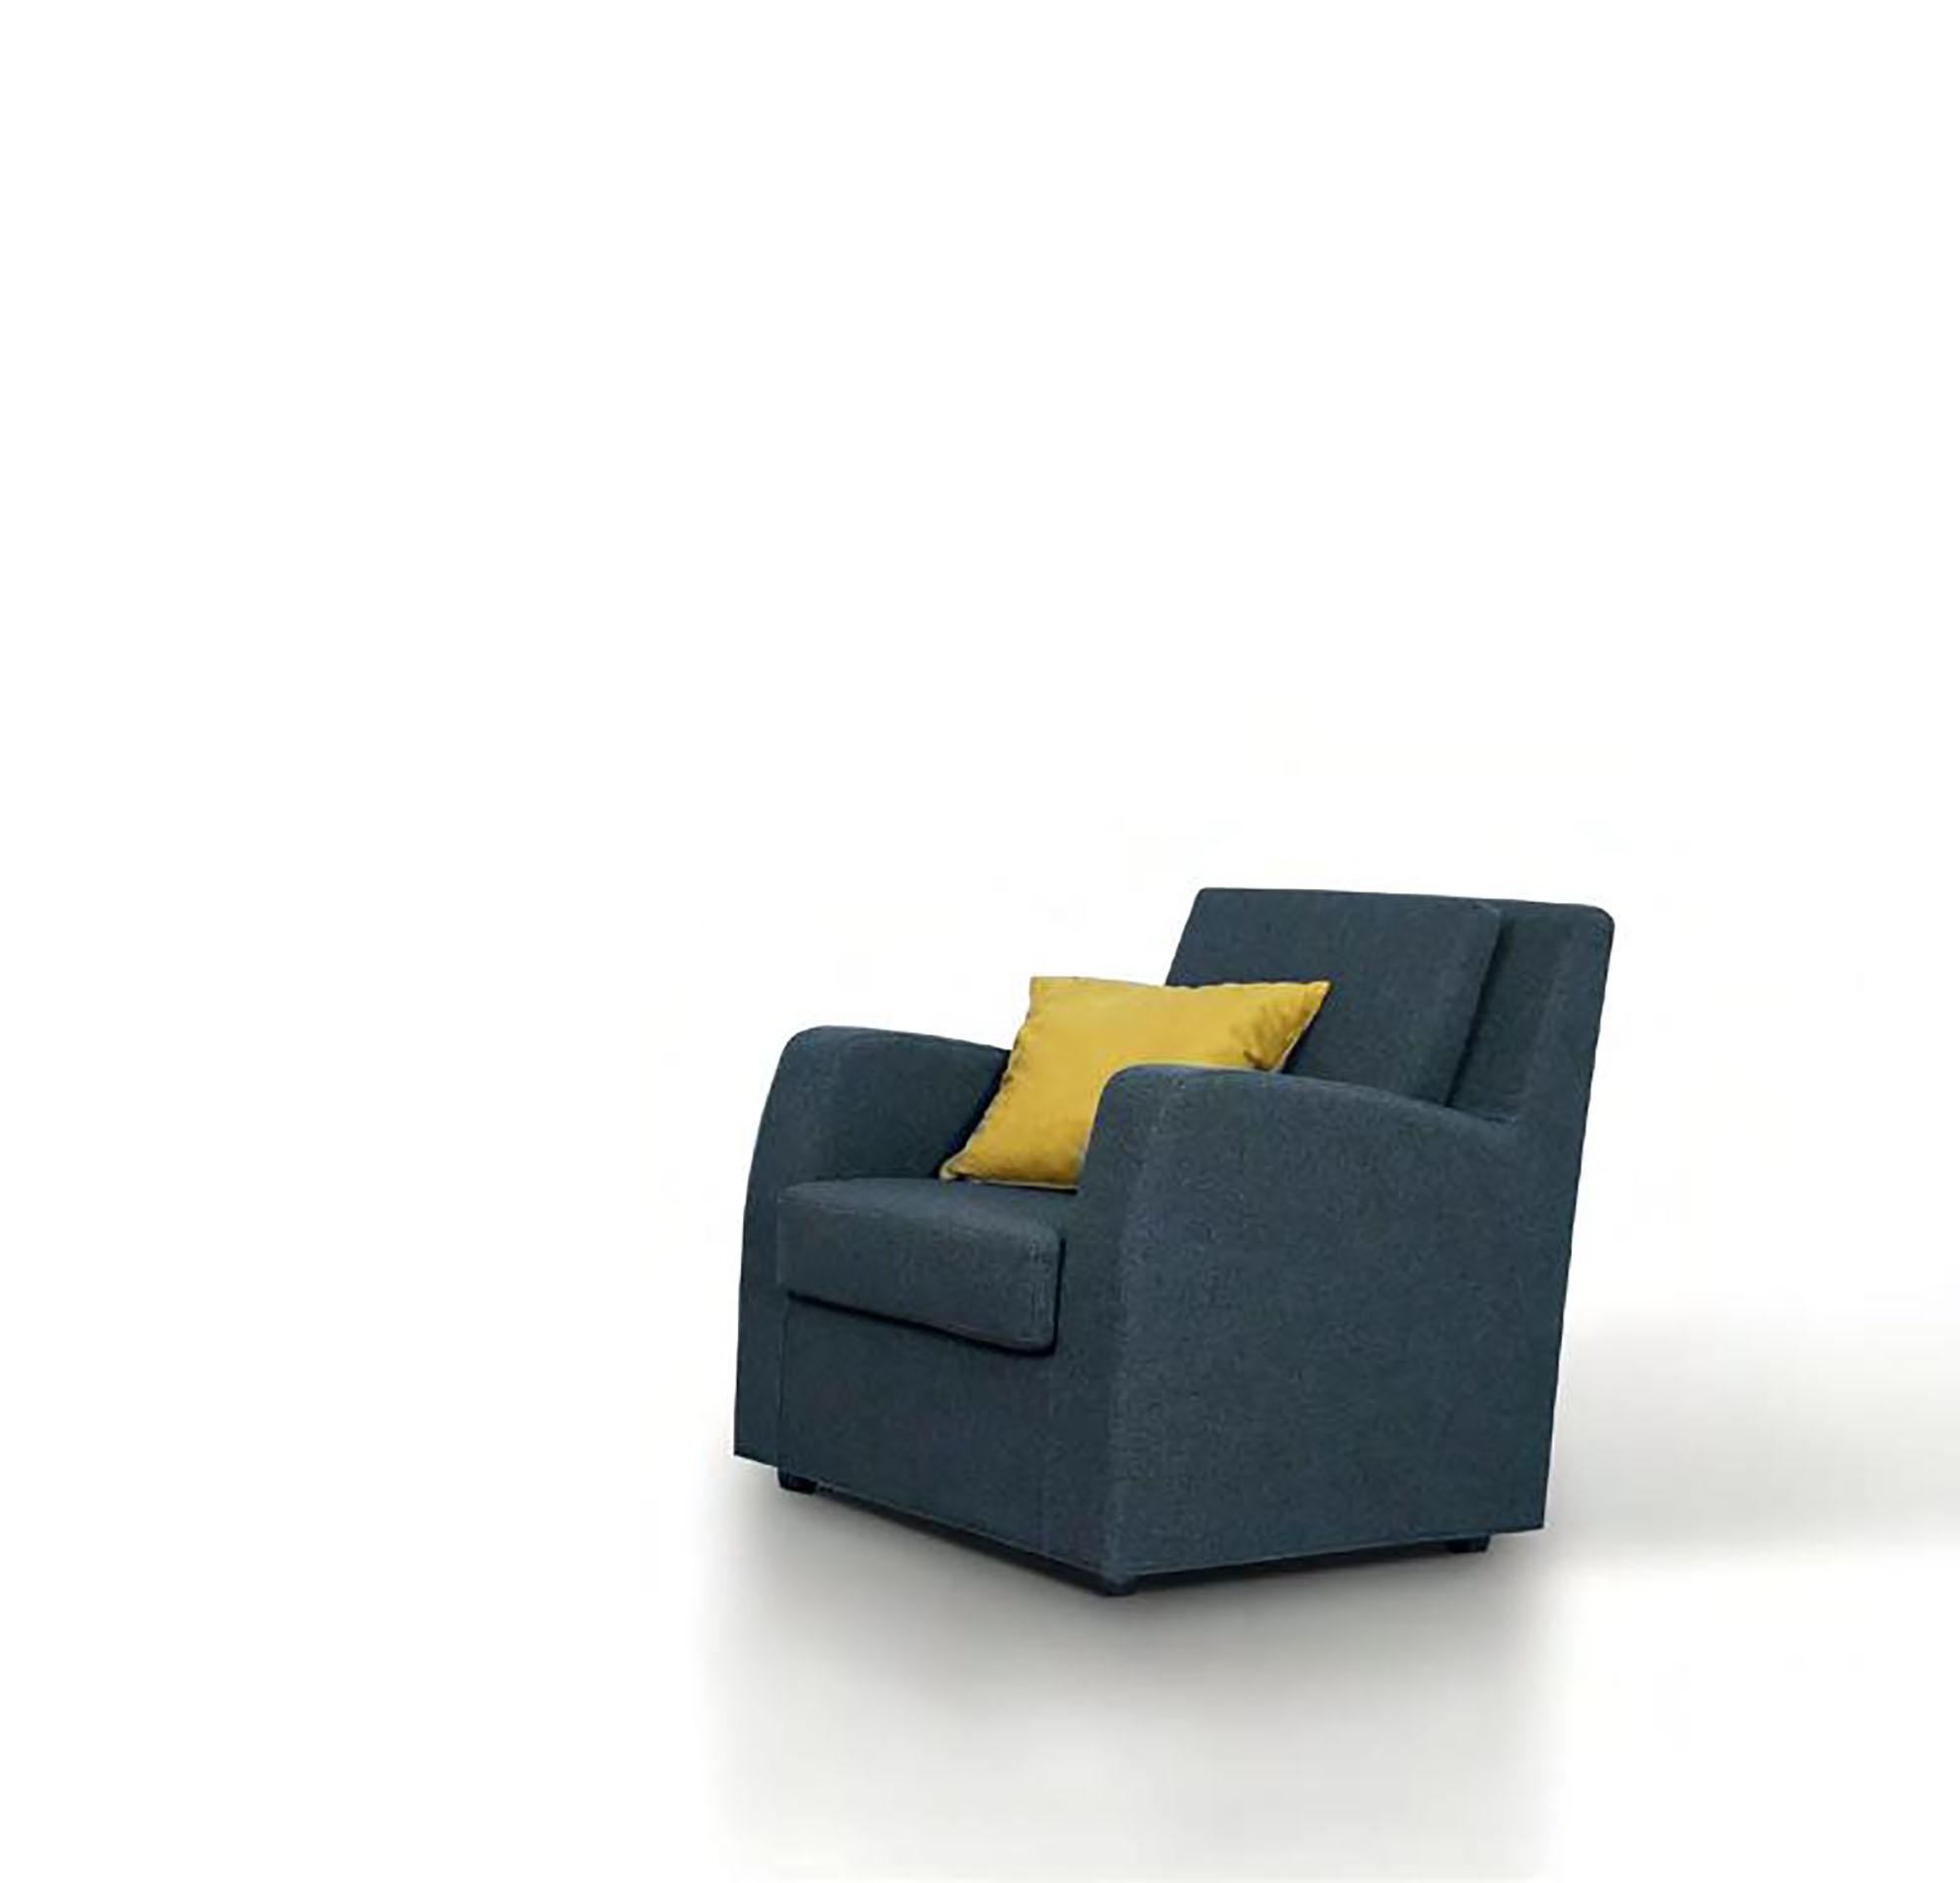 Divano errebi salotti modello play con chaise longue tessuto 3 posti divani a prezzi scontati - Divano 4 posti con chaise longue ...